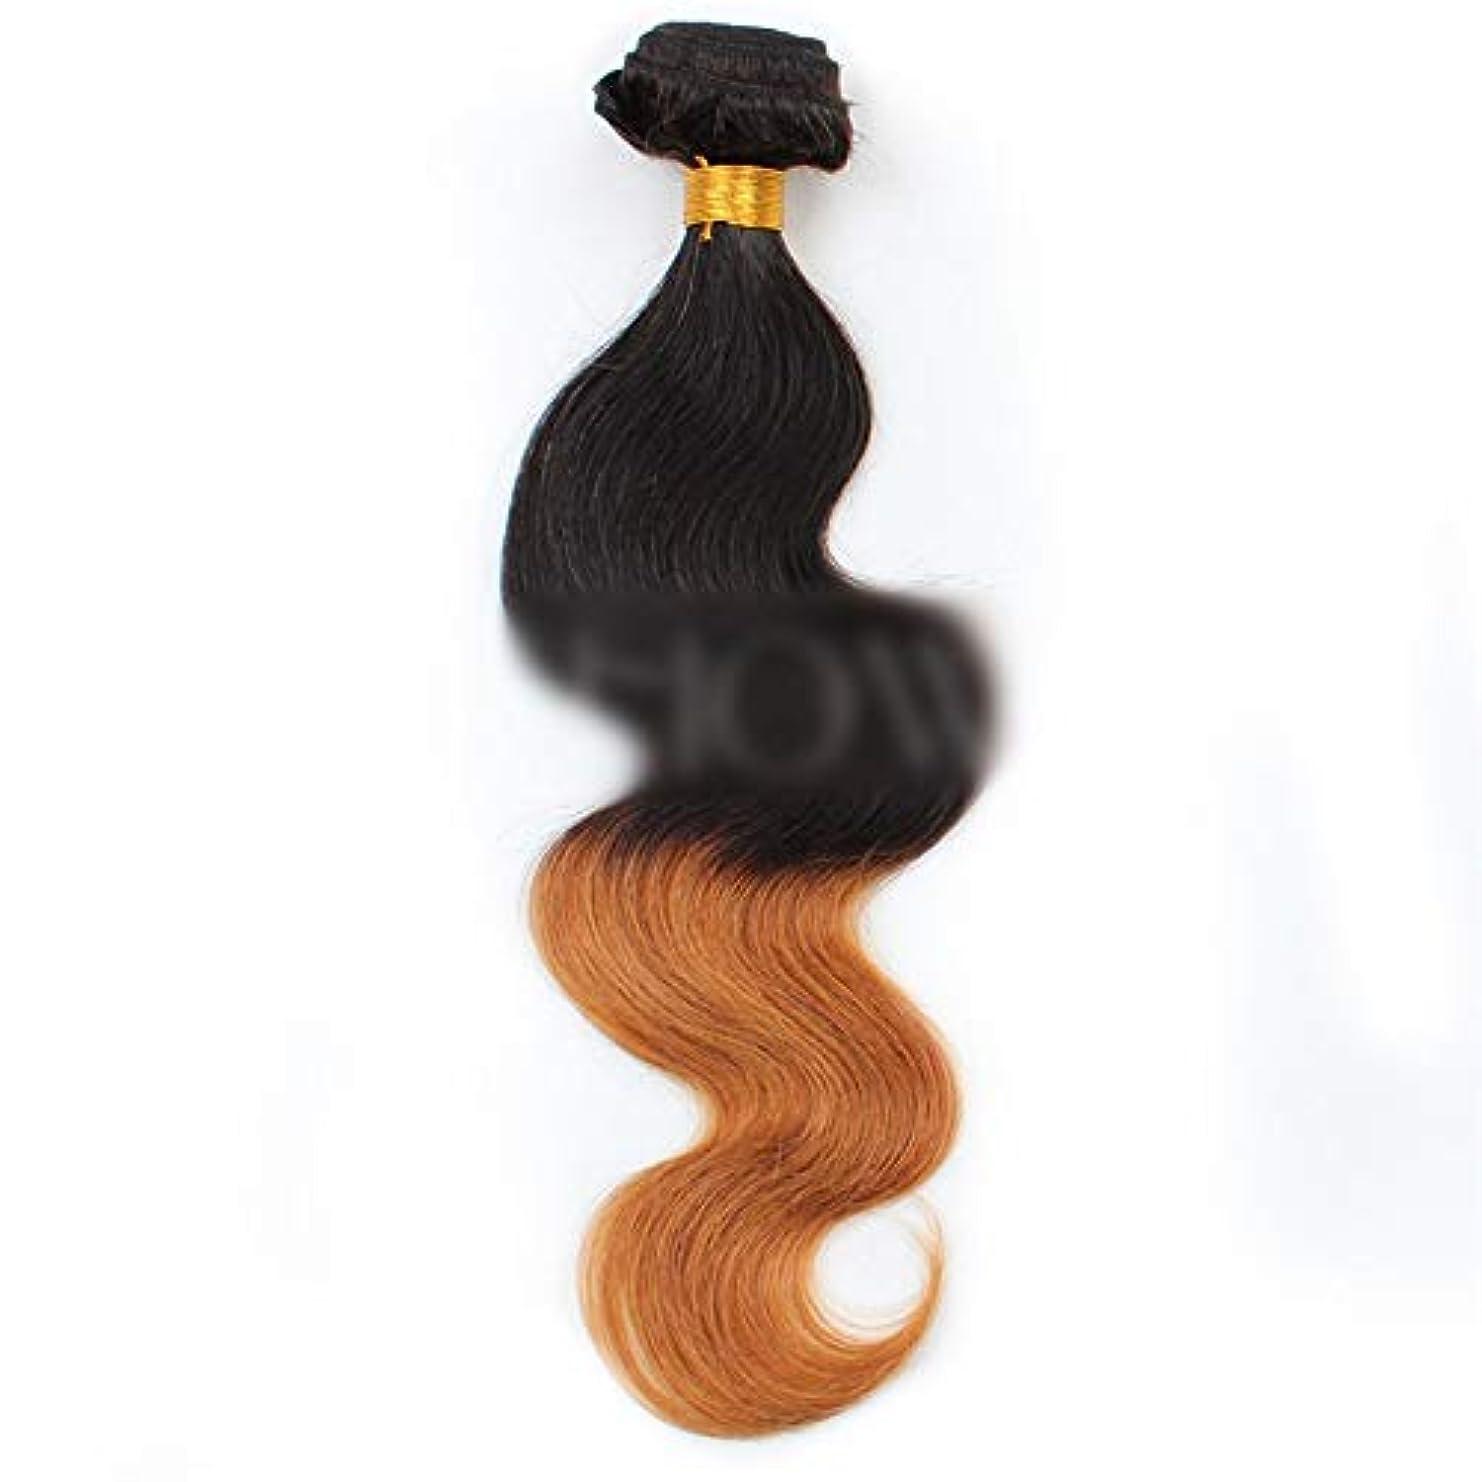 キャンセル原子炉甘いHOHYLLYA ブラジルの人間の髪の毛のボディ織り方ヘアエクステンション-1B / 30#黒から茶色へのグラデーショングラデーションカラー髪の織り方1バンドル、100g合成髪レースかつらロールプレイングかつら長くて短い女性自然 (色 : ブラウン, サイズ : 18 inch)